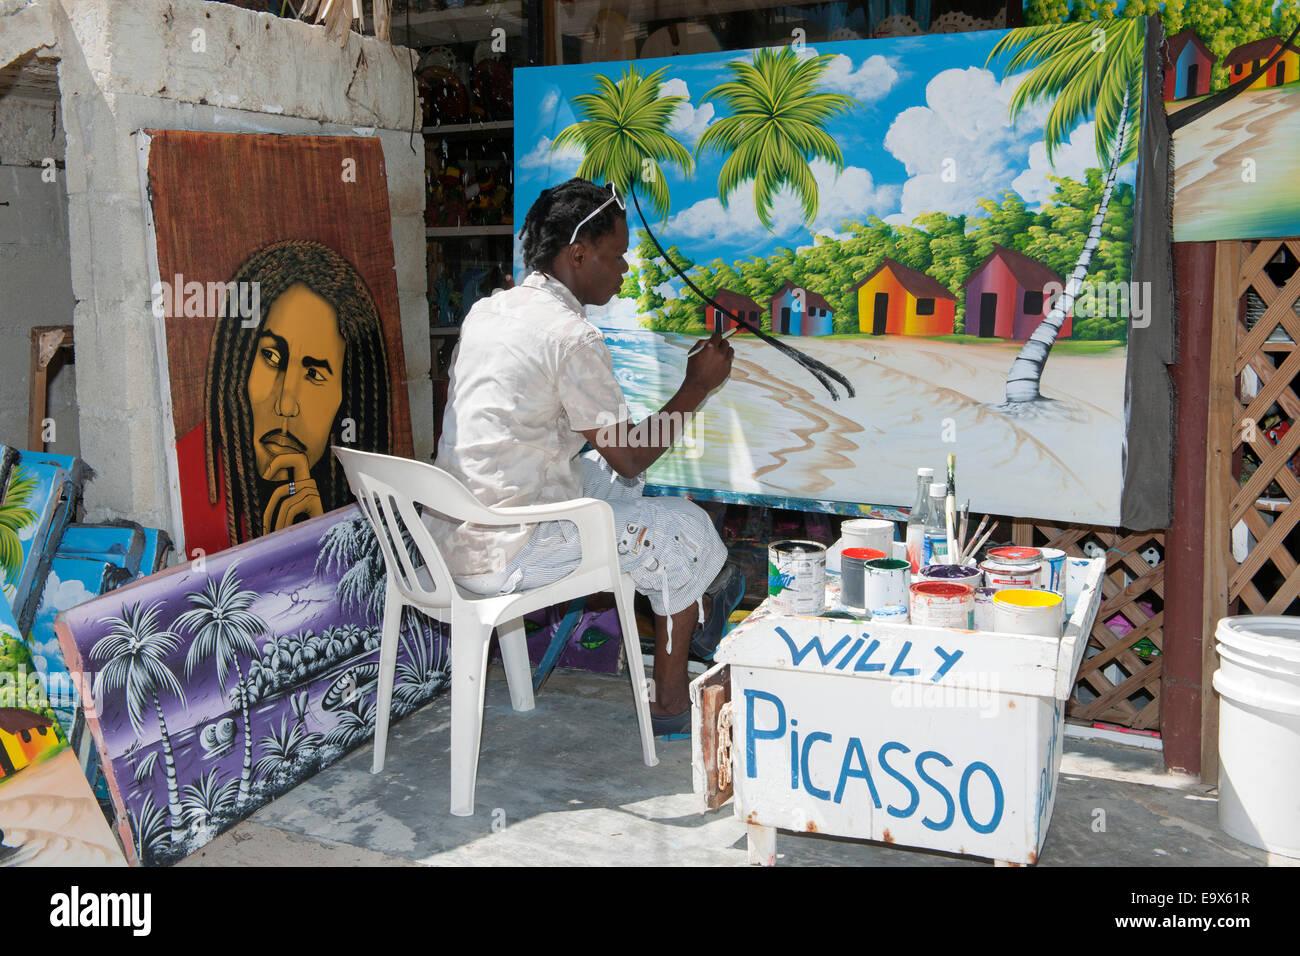 Dominikanische Republik, Osten, Punta Cana, Bavaro, Maler 'Willy' Picasso Am Weg zum Strand von El Cortecito Imagen De Stock